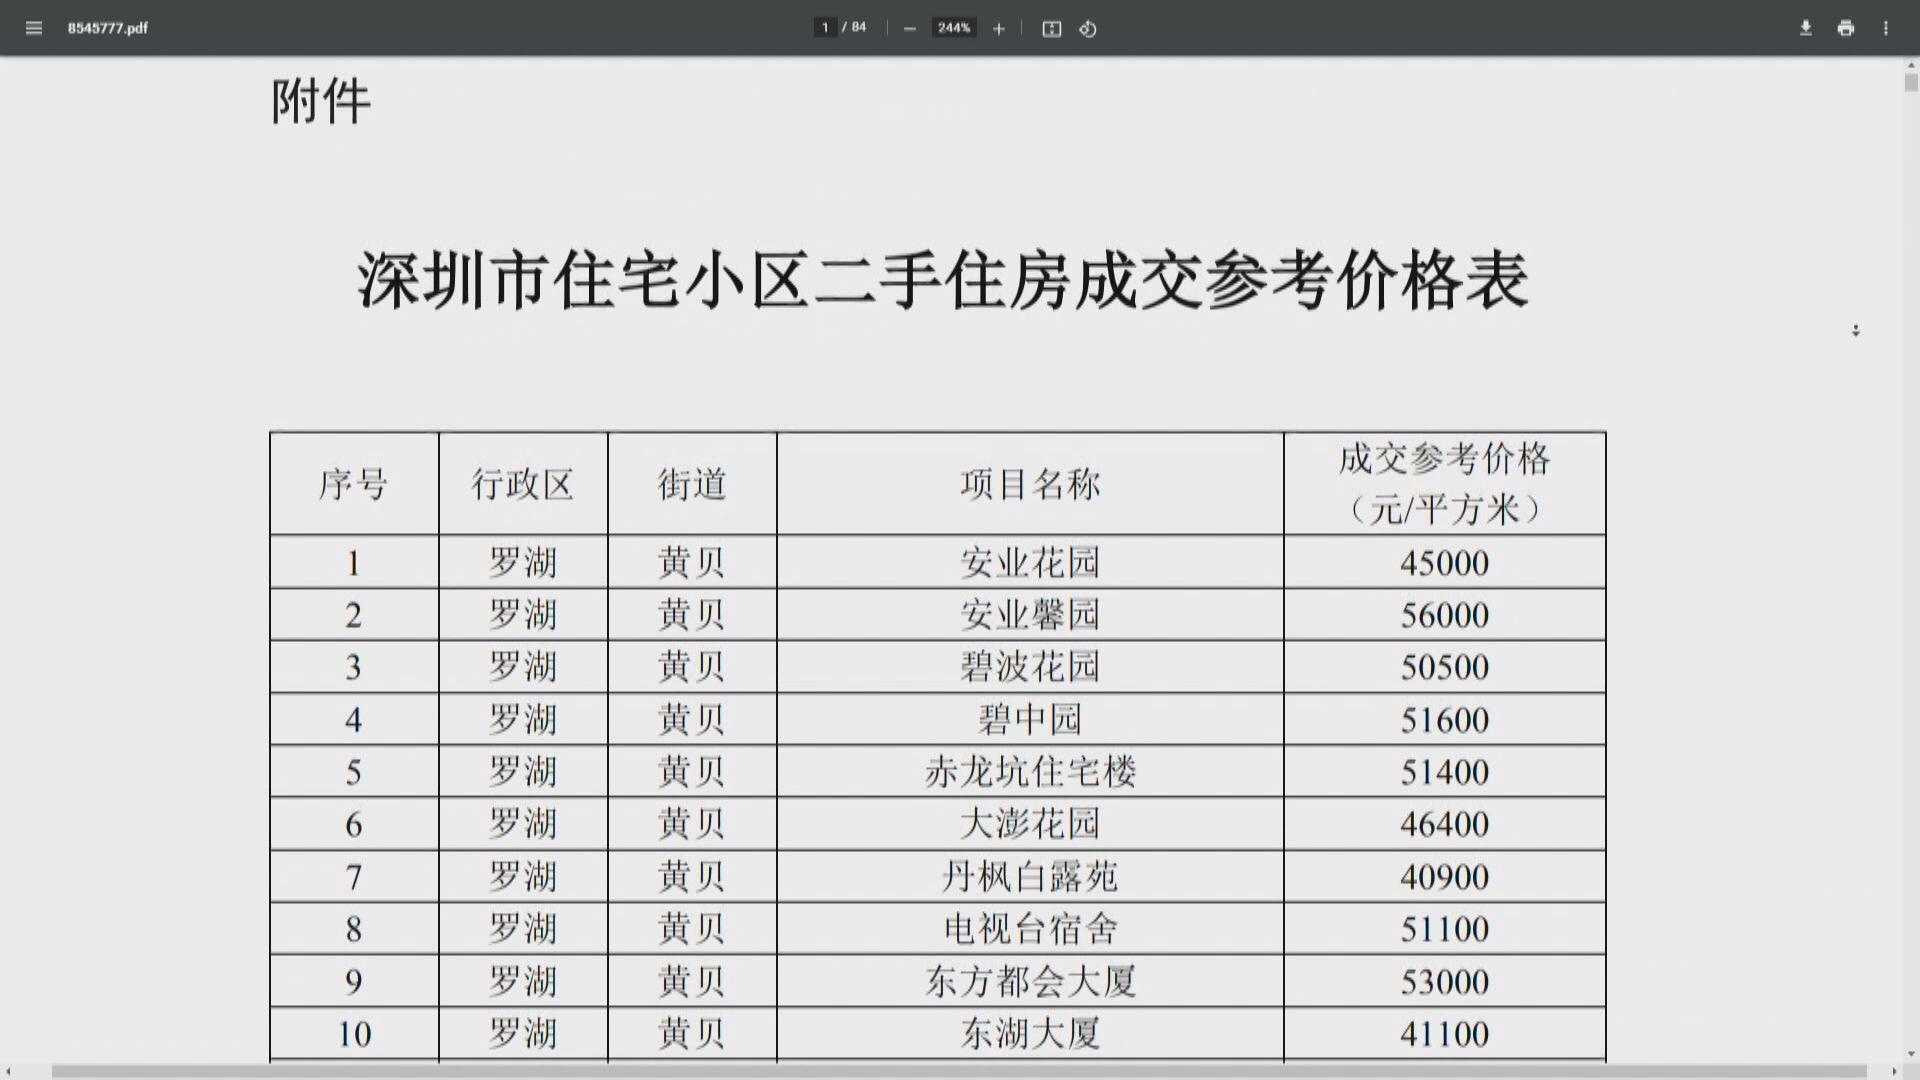 深圳先行 內地其他城市或跟推二手樓參考價